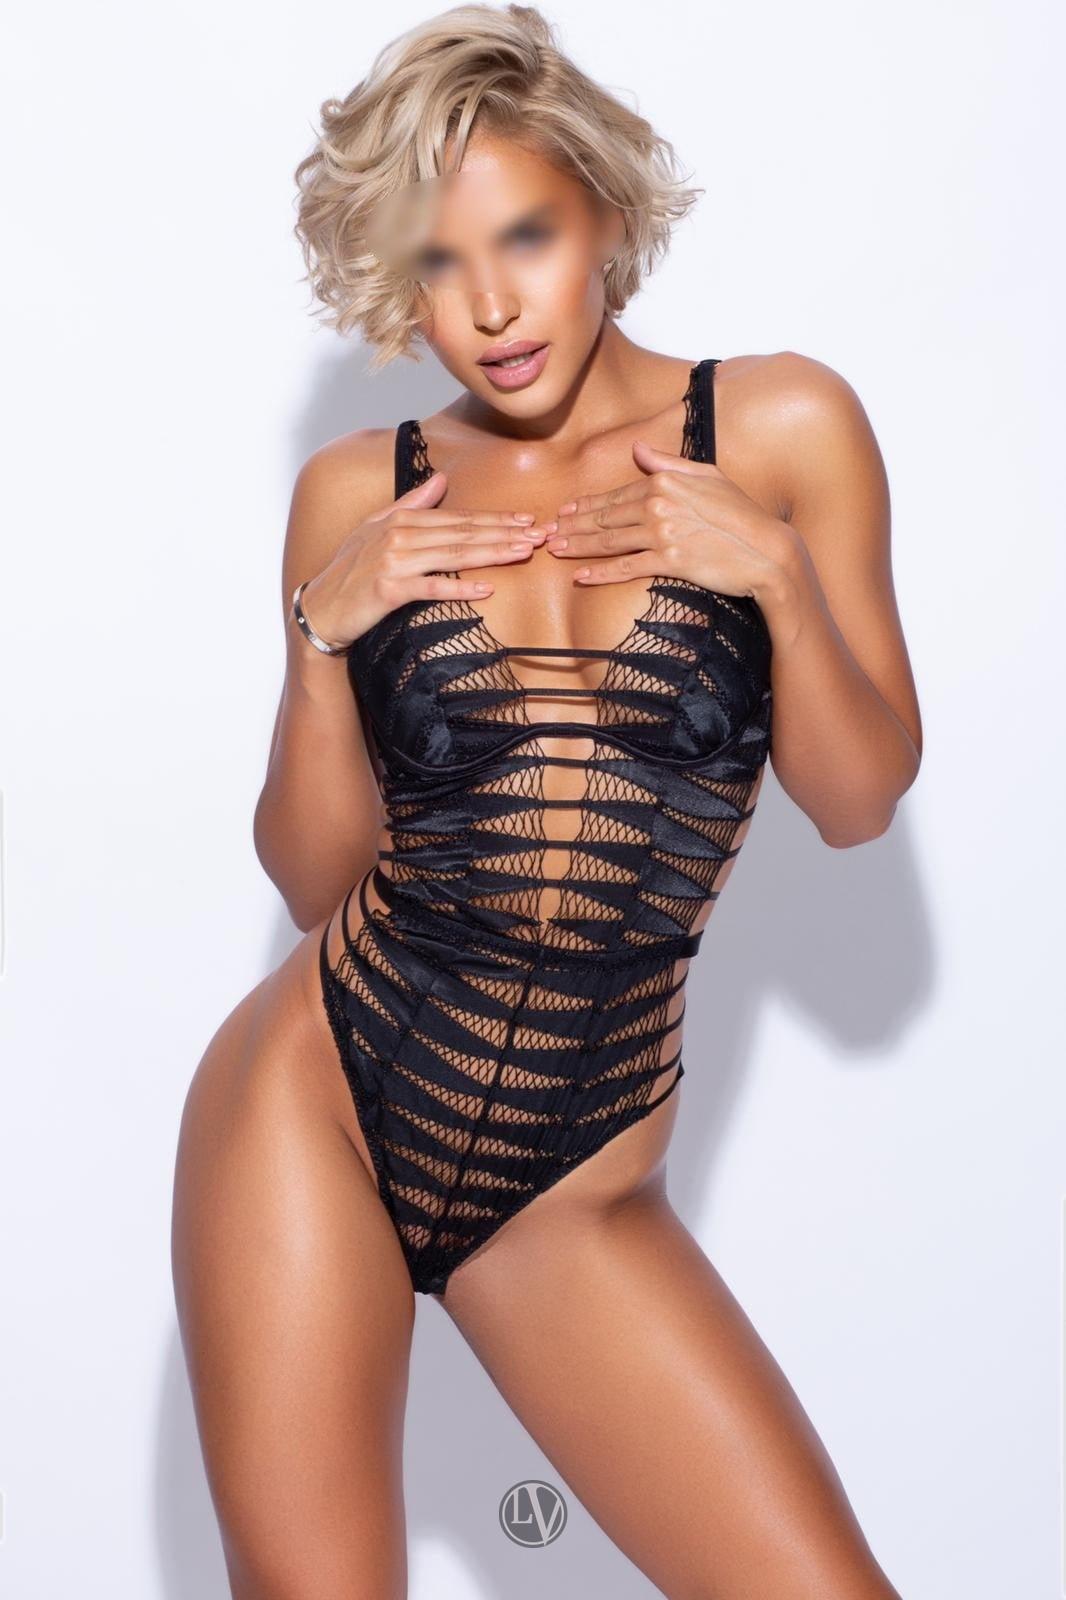 Model escort Ashley in her sexy designer lingerie.